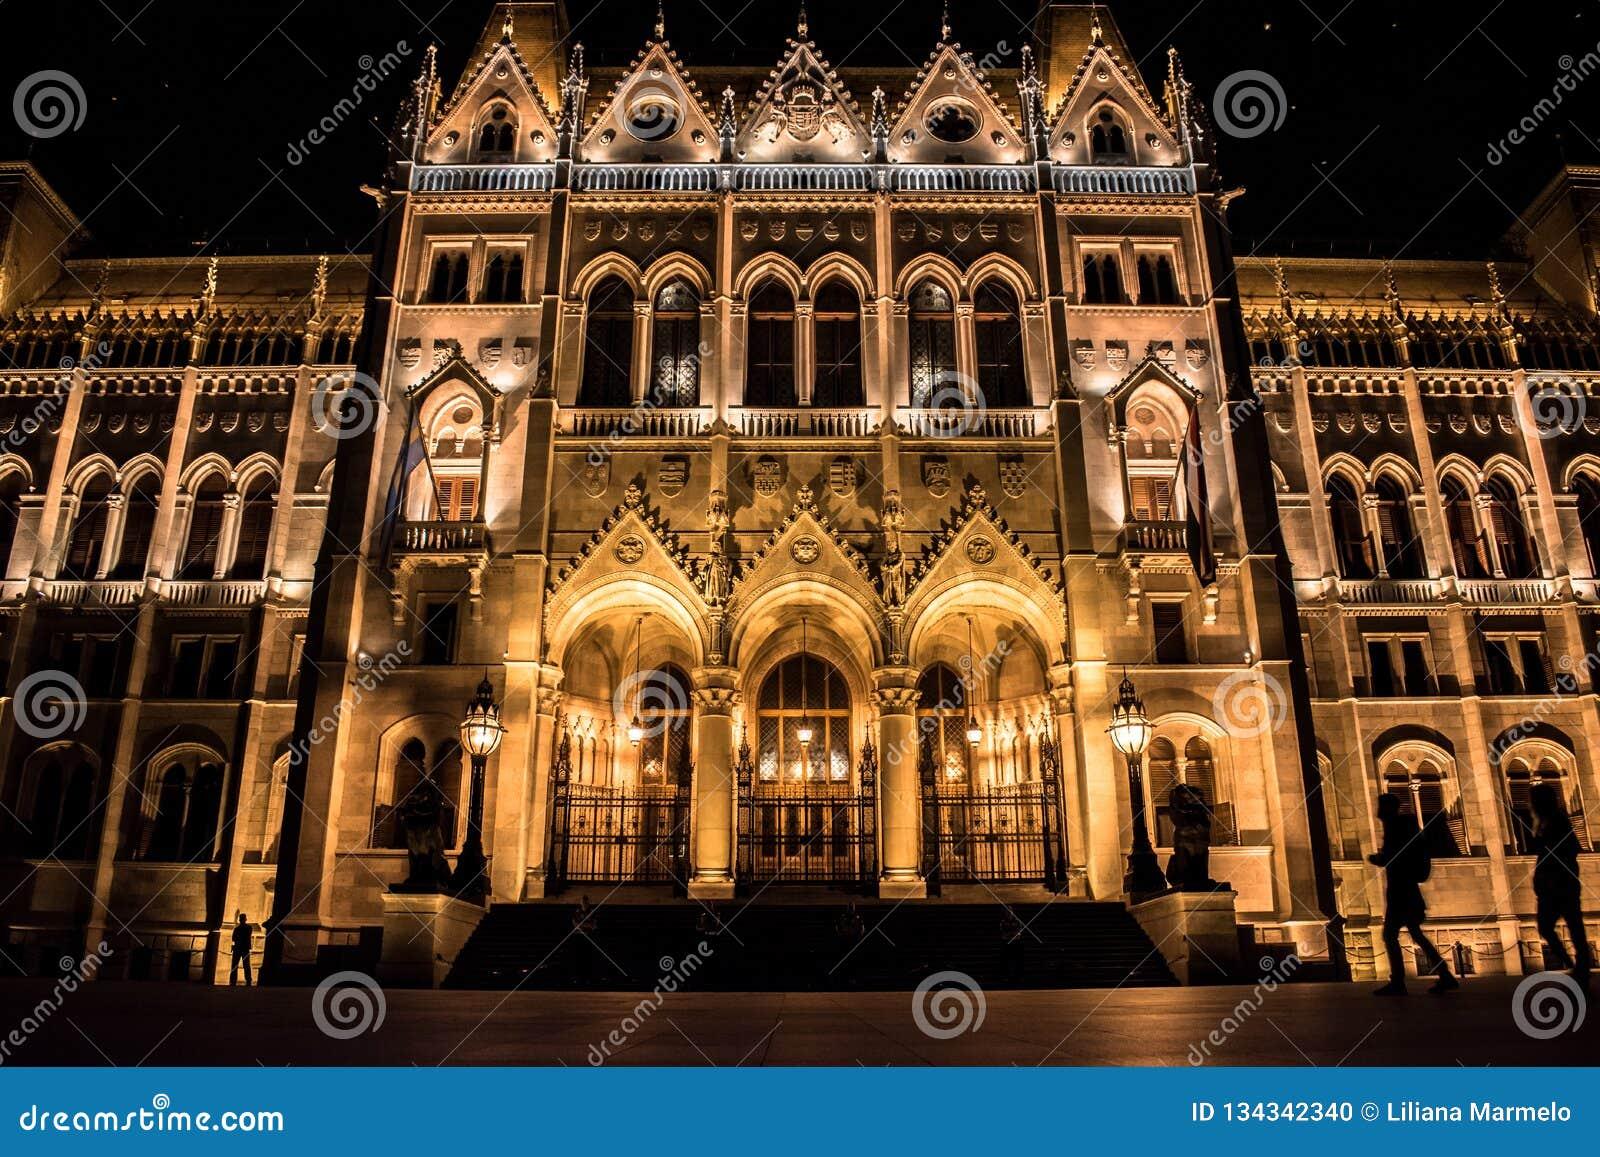 Facciata del Parlamento di Budapest alla notte con le siluette dei turisti che passeggiano, Ungheria